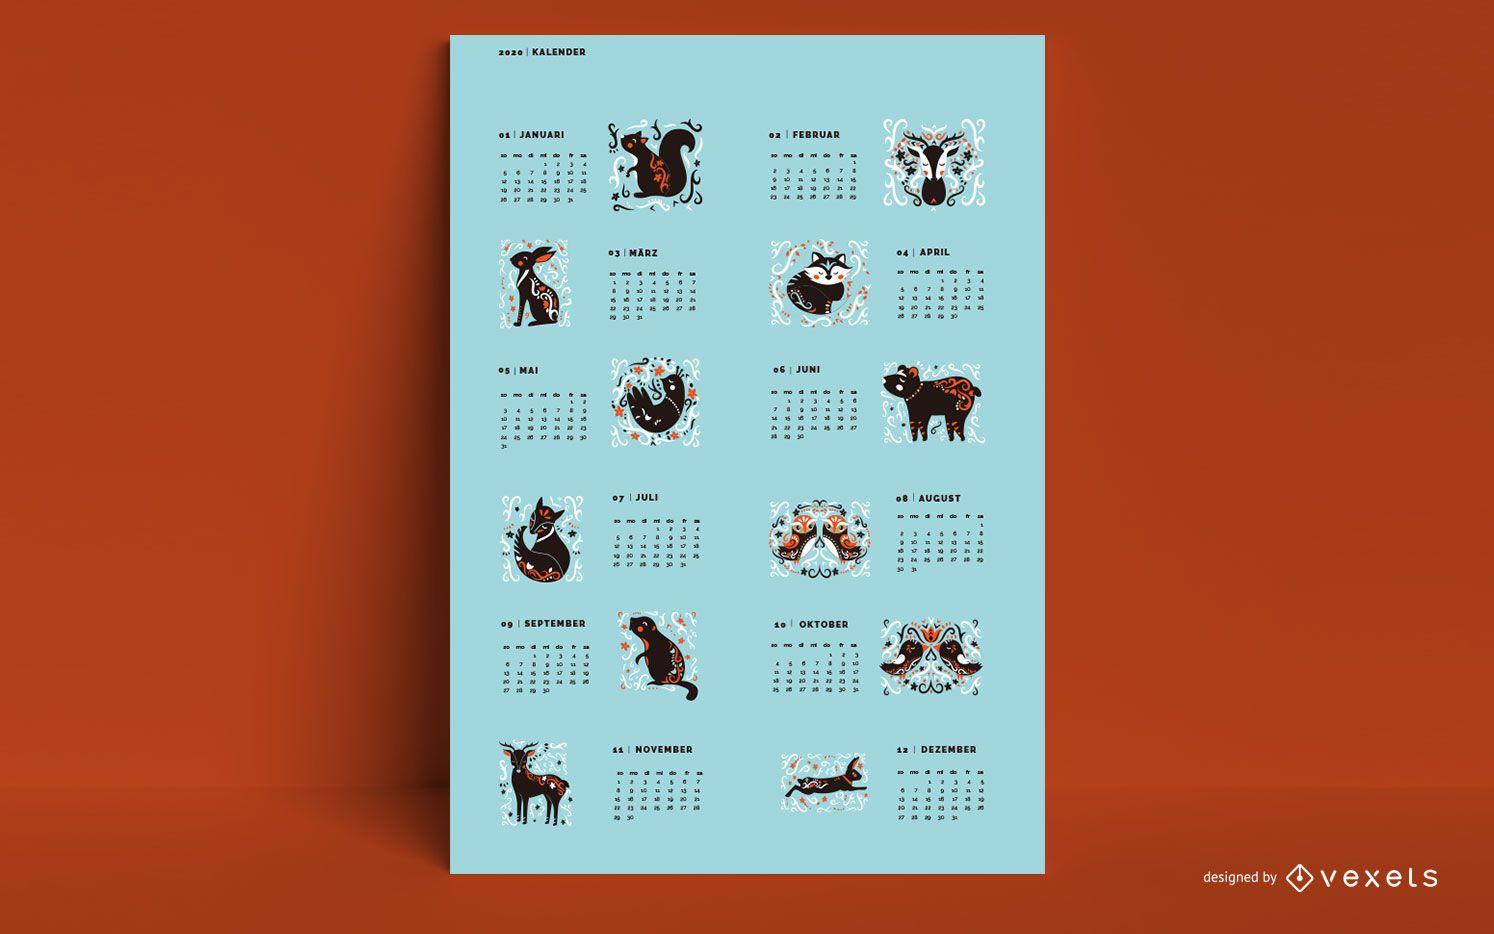 Diseño de animales de calendario alemán